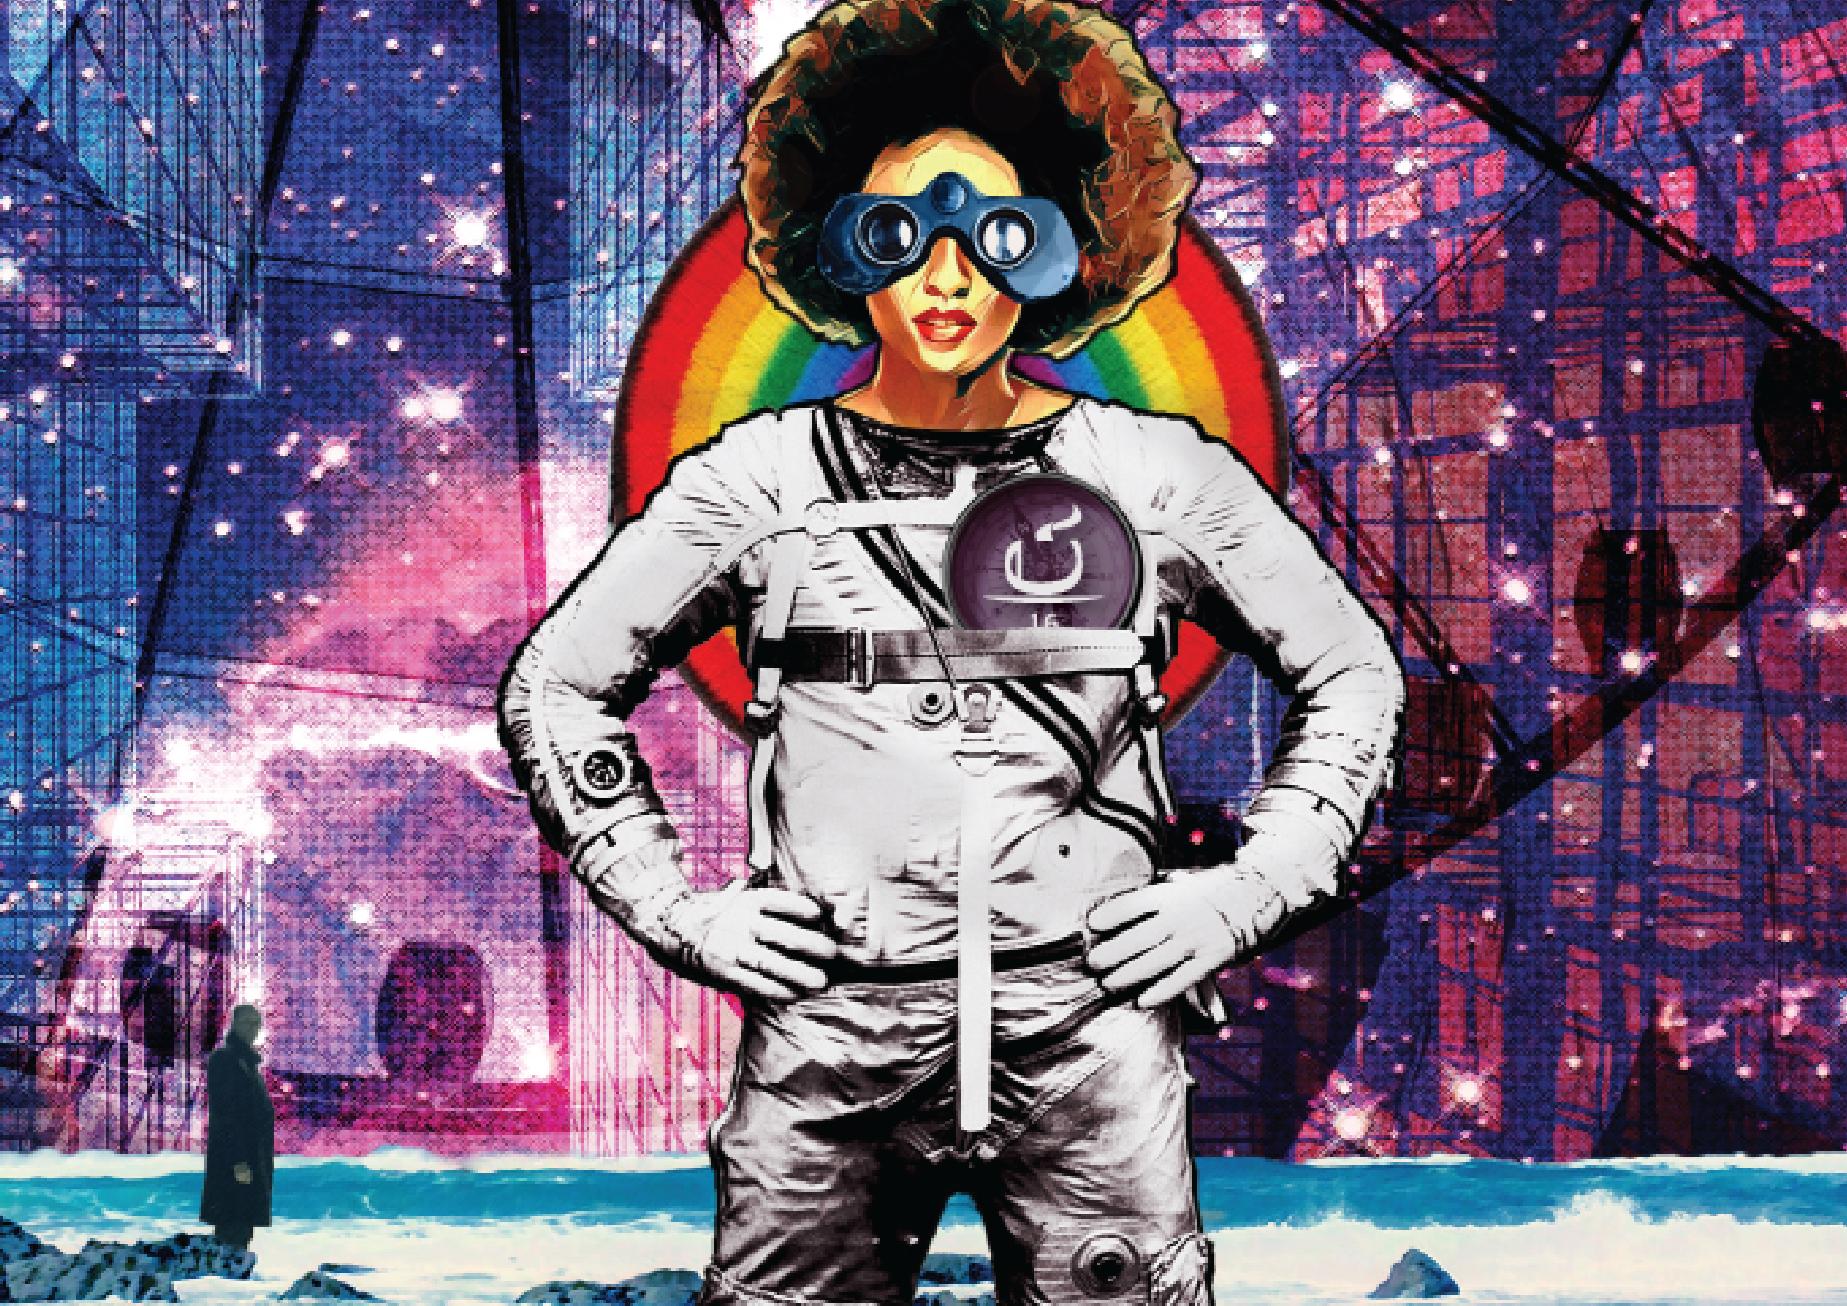 Capa do fanzine Café Espacial.